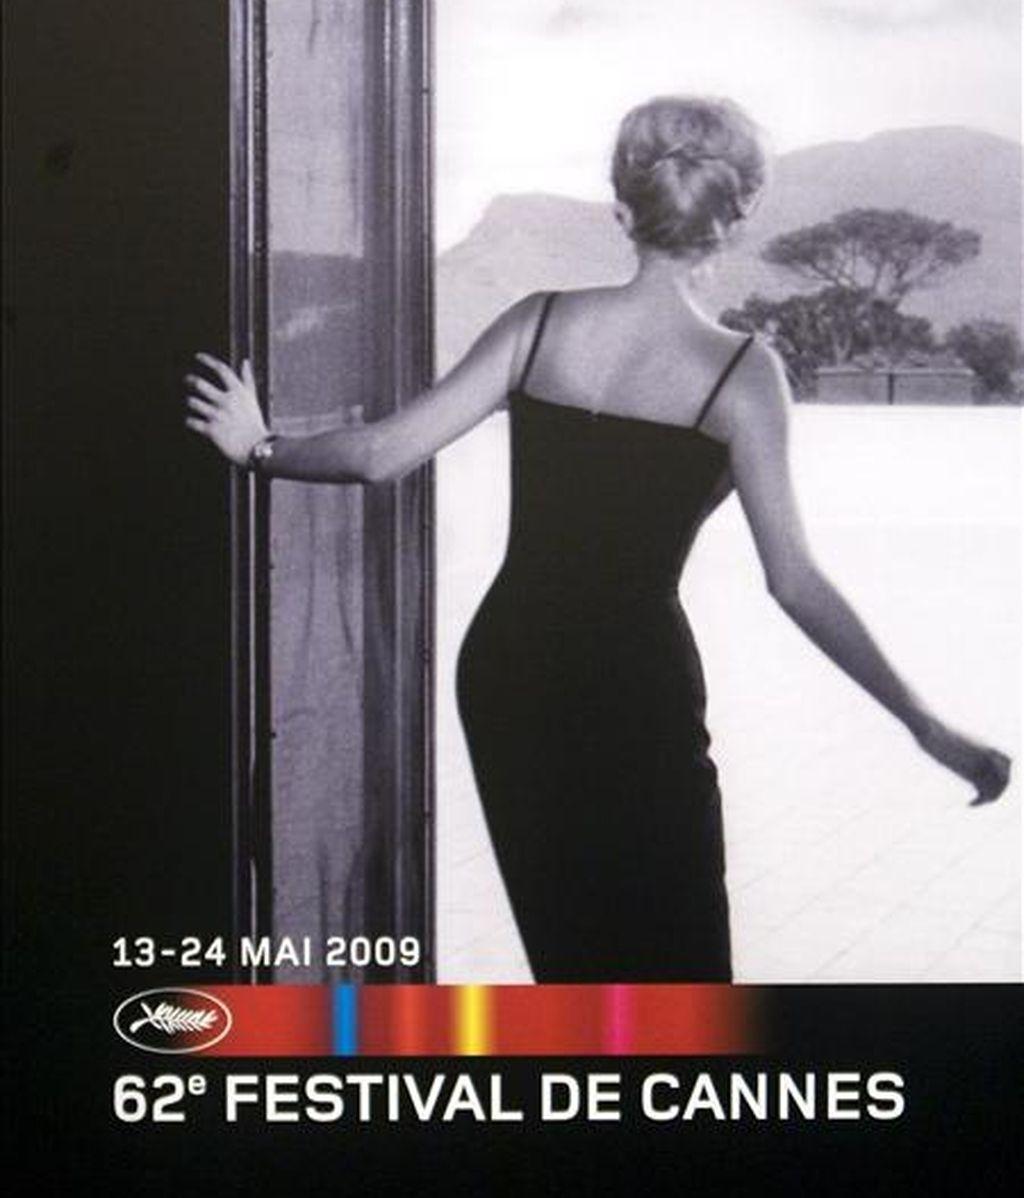 Vista del cartel de la 62ª edición del festival de cine de Cannes, que fue presentado ayer, en París (Francia). La actriz francesa Isabelle Huppert presidirá el jurado de la presente edición, que se celebrará del 13 al 24 de mayo. EFE